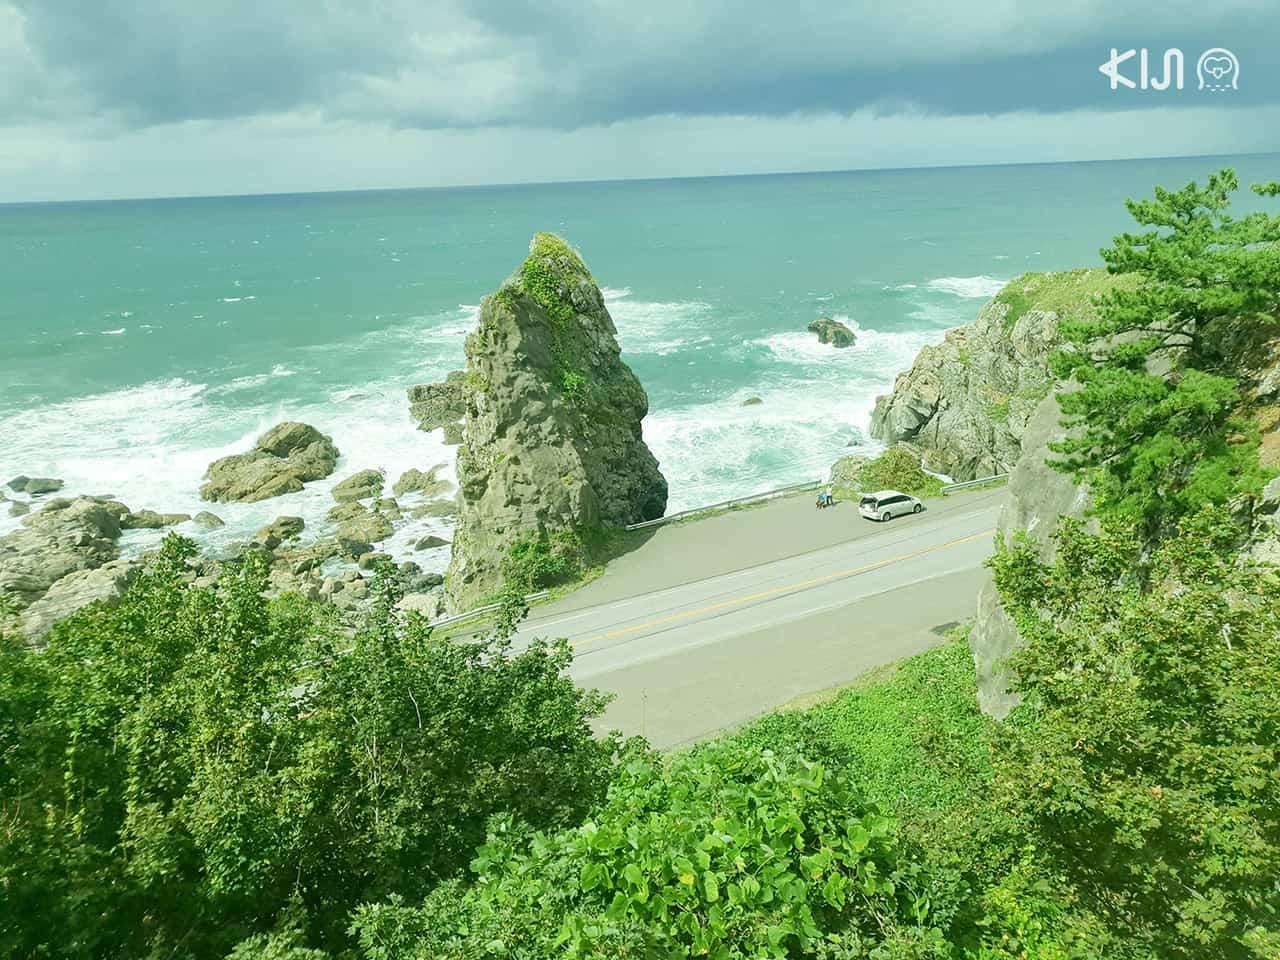 สถานที่เที่ยวตามเส้นทางเดินรถไฟขบวน Resort Shirakami - จุดชมวิวทะเล